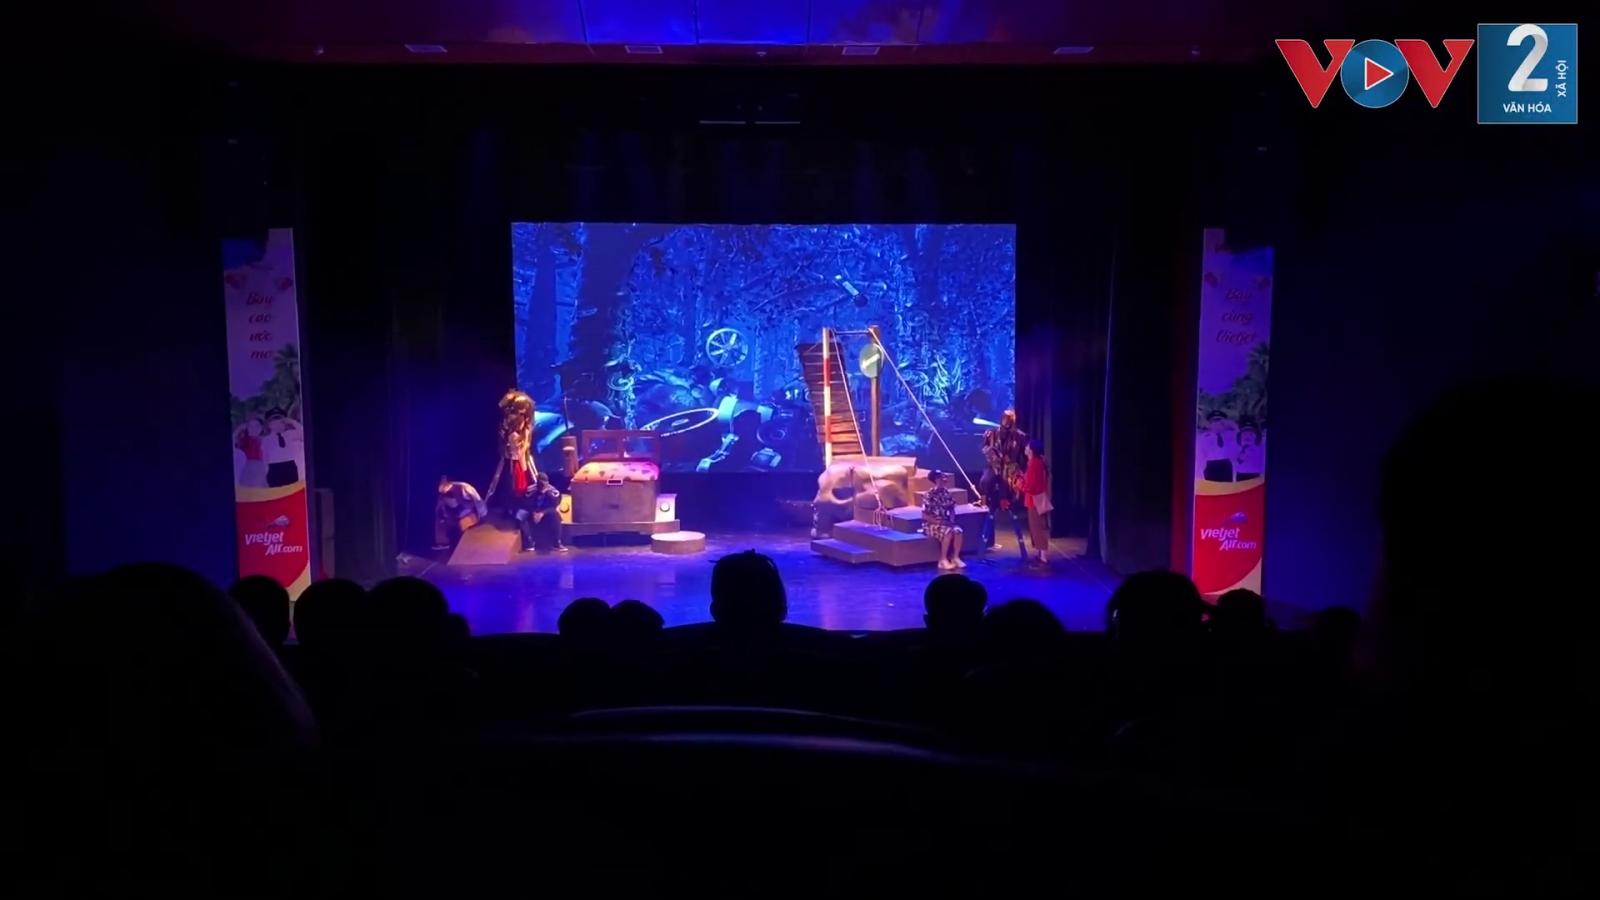 Nhà hát Tuổi Trẻ tiên phong đón khán giả trở lại sau dịch Covid-19